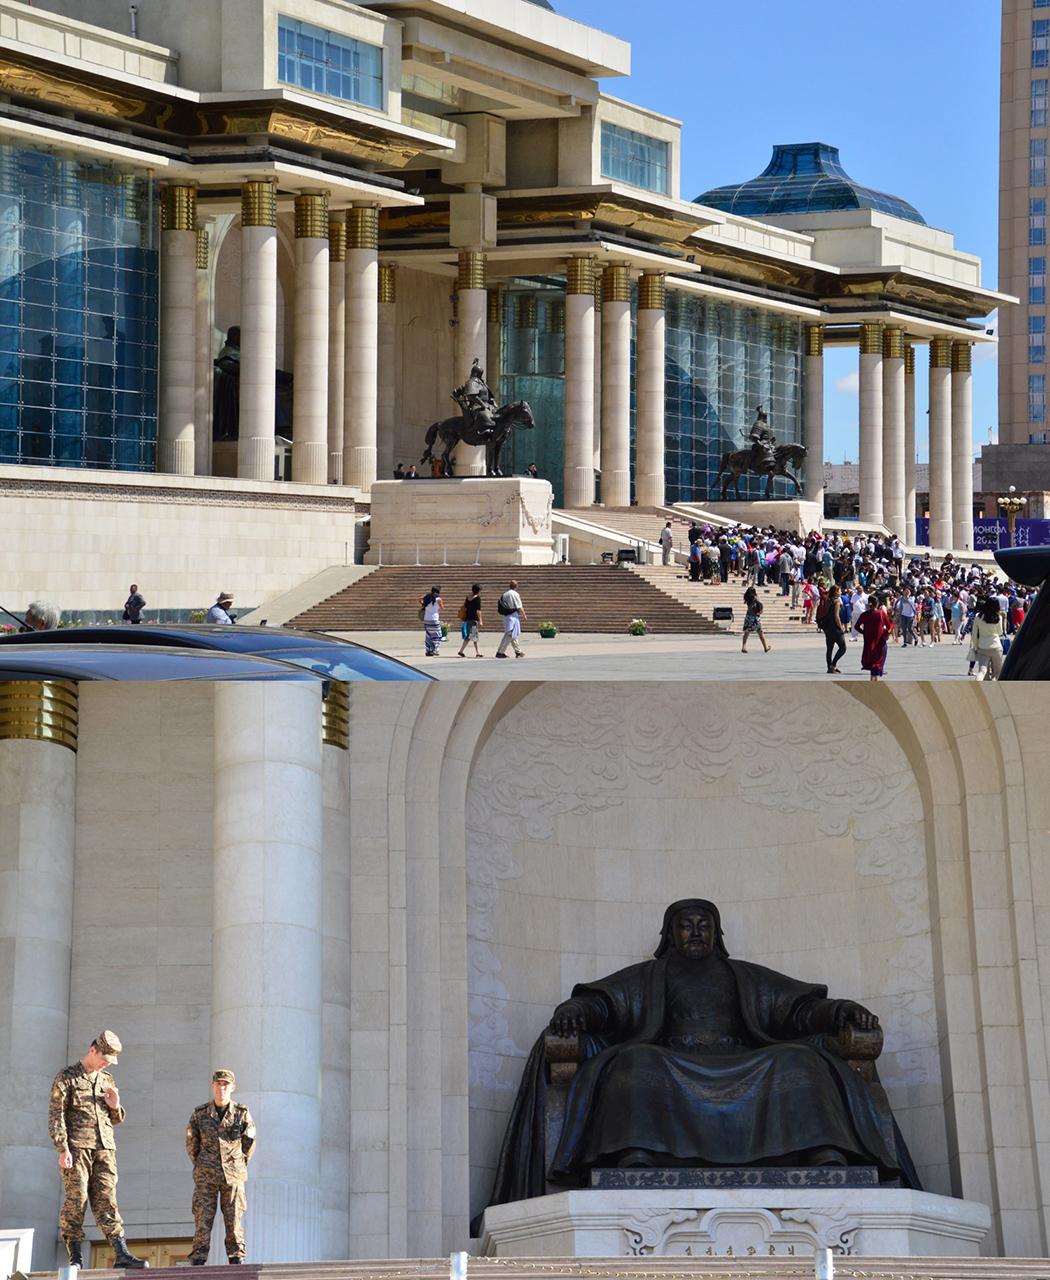 칭기즈칸 청동상. 칭기즈칸의 거대한 동상이 앉아서 광장의 몽골인들을 내려다보고 있다.